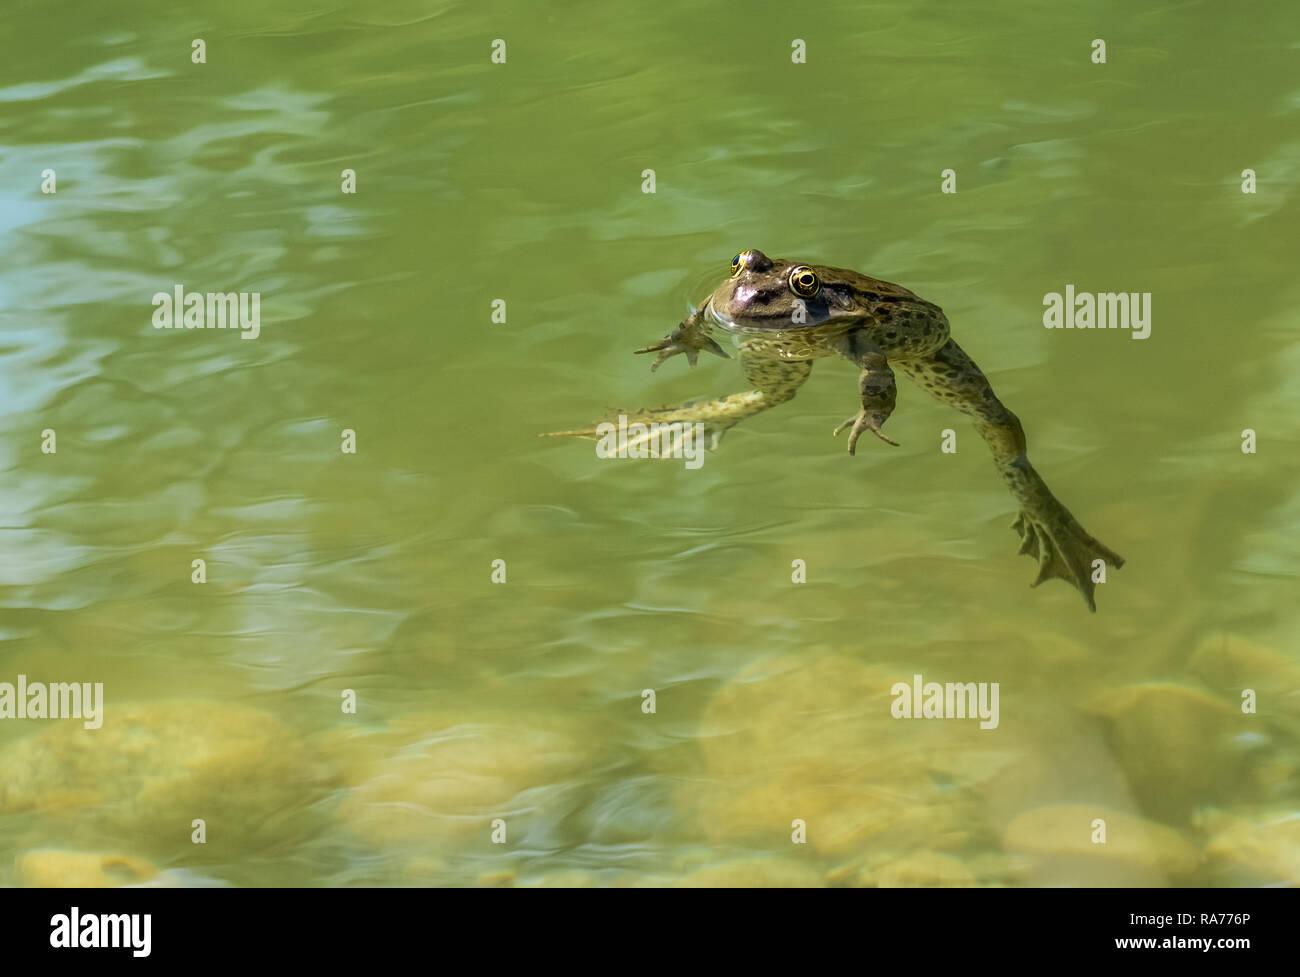 Grüner Frosch mit großen schwimmhäuten Stockbild